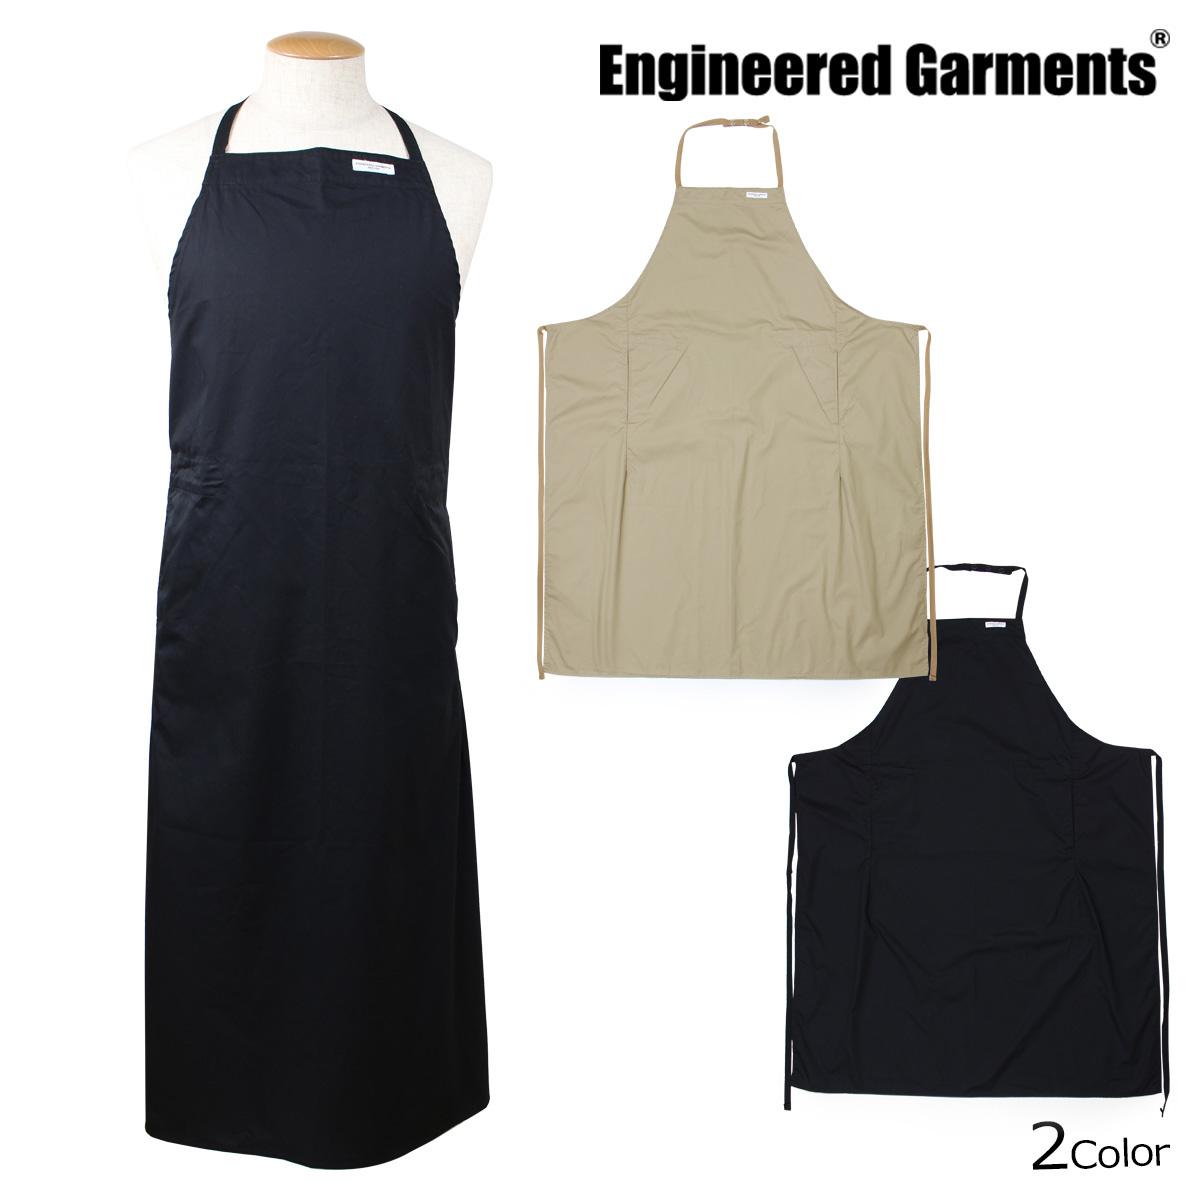 ENGINEERED GARMENTS エンジニアドガーメンツ エプロン 大きいサイズ レディース メンズ NEW LONG APRON ブラック カーキ